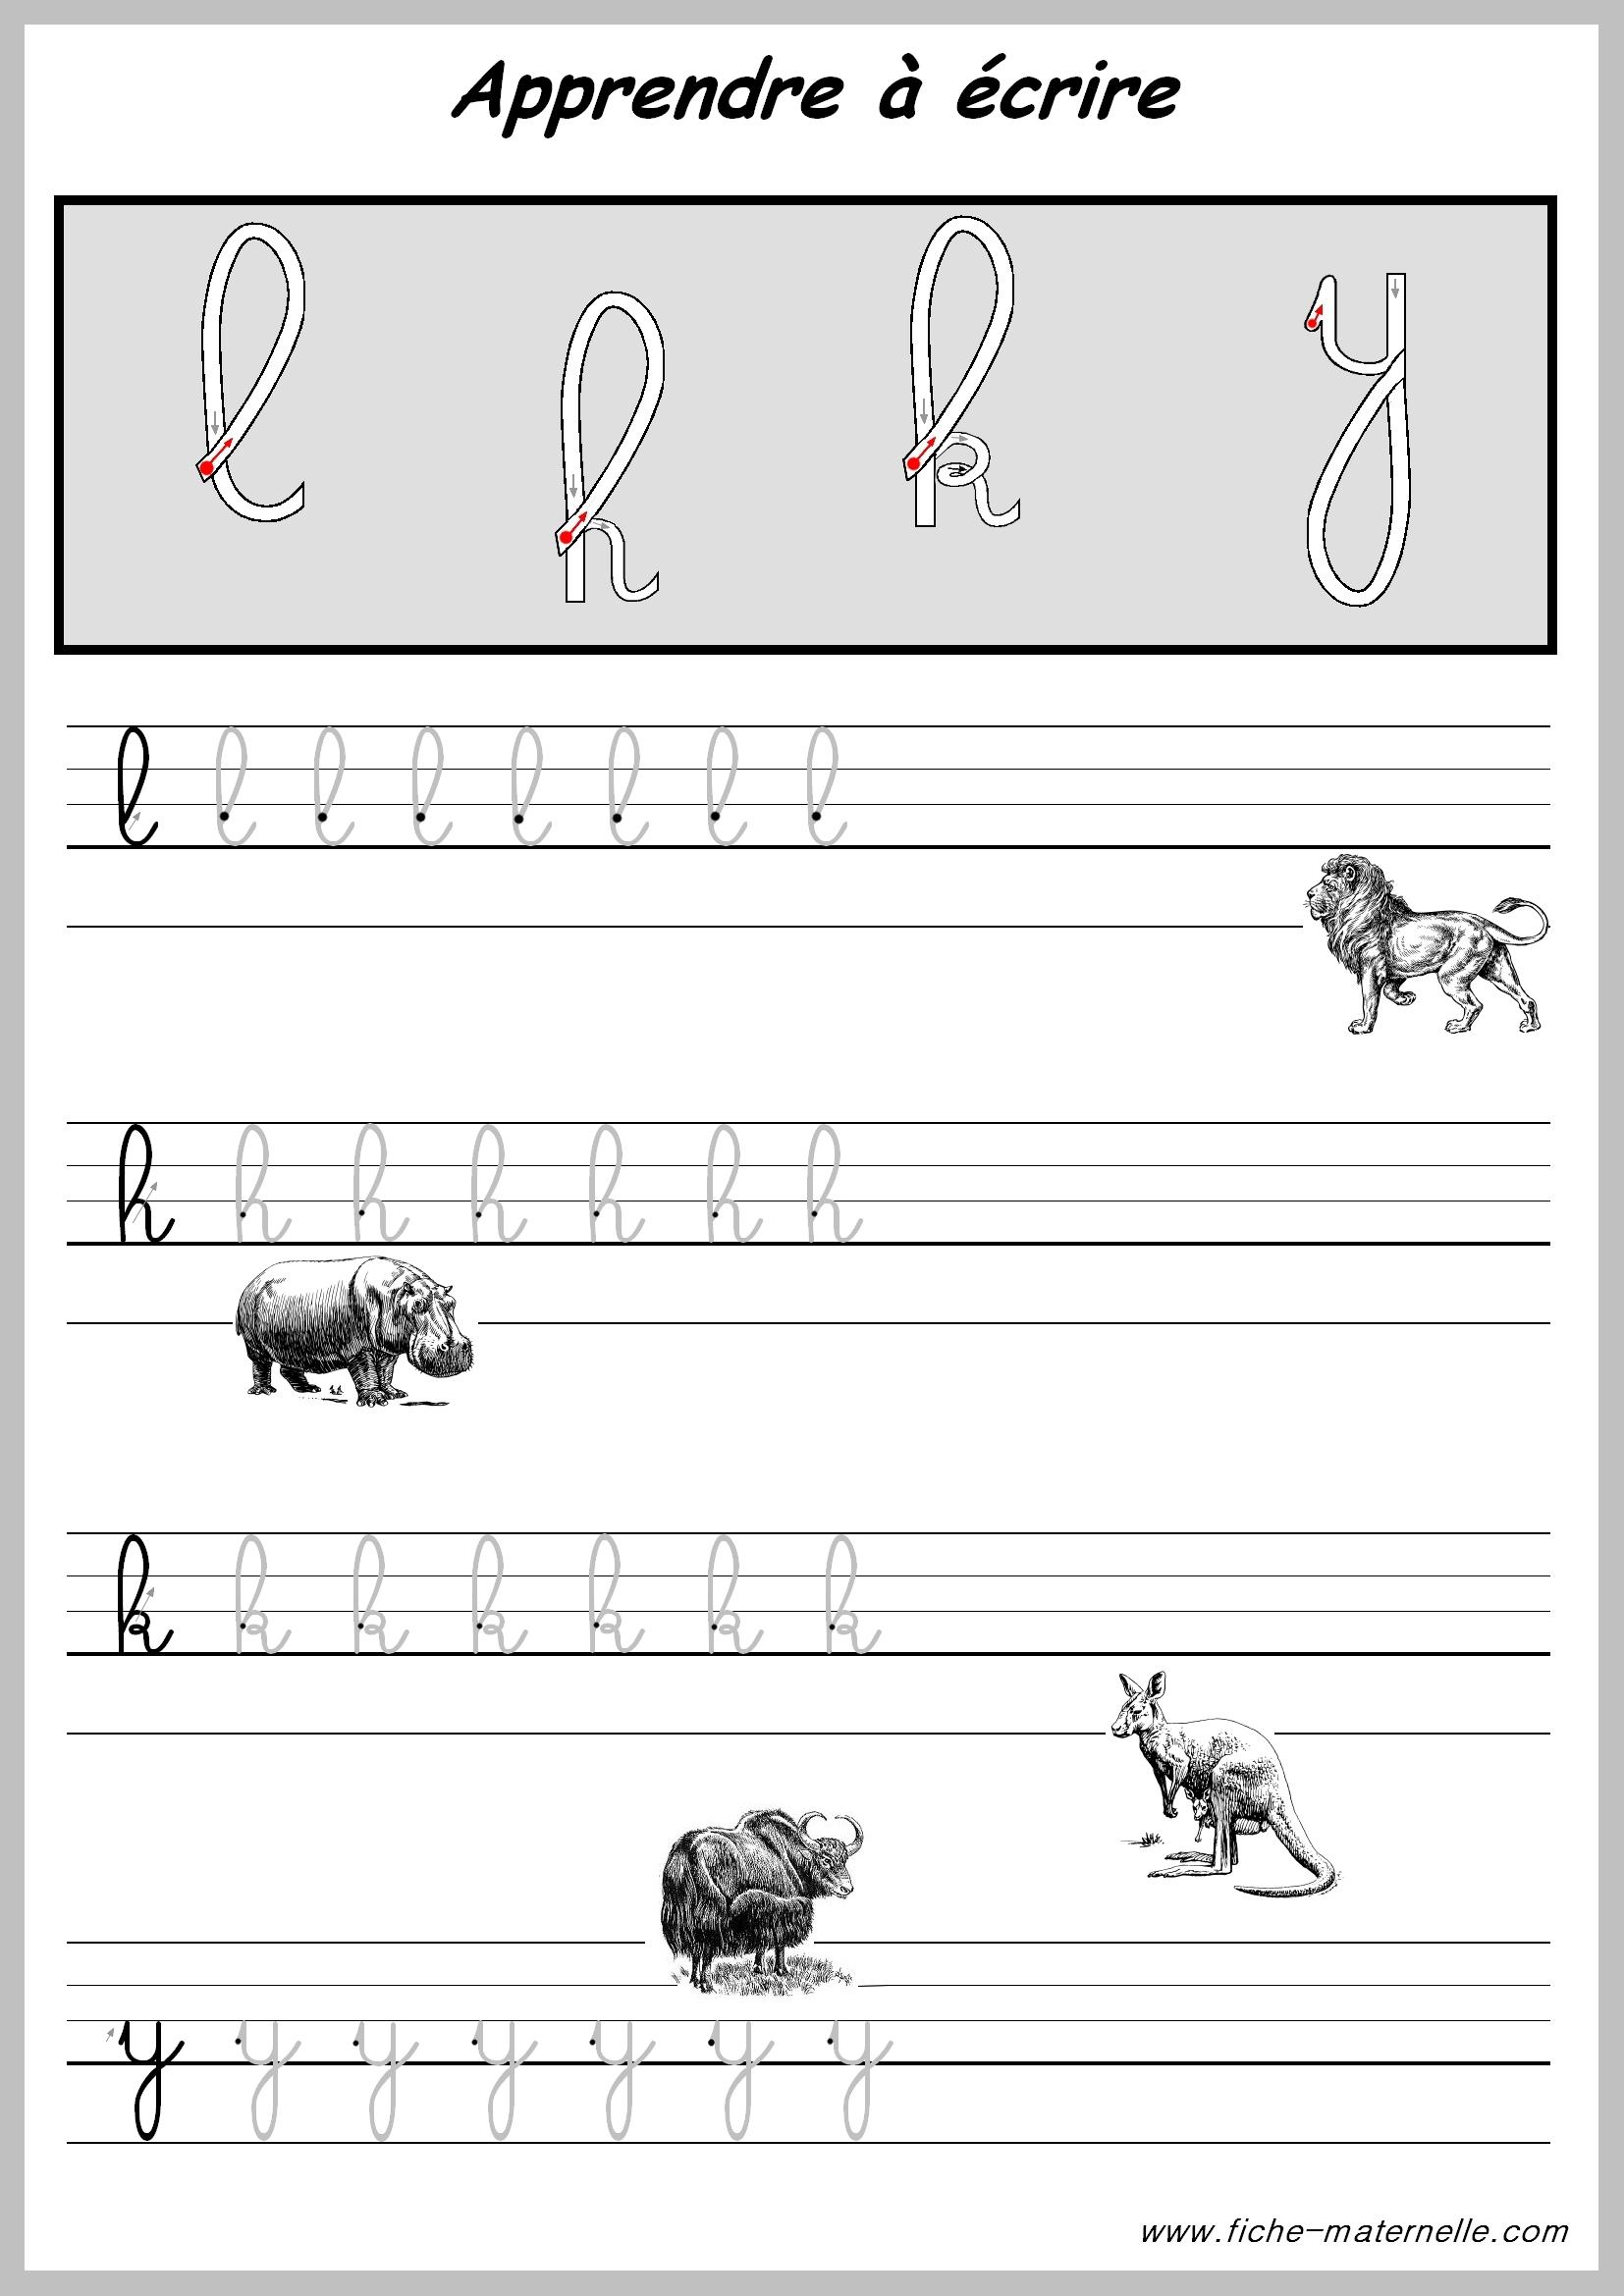 Exercices Pour Apprendre A Ecrire Les Lettres. à Apprendre À Écrire L Alphabet